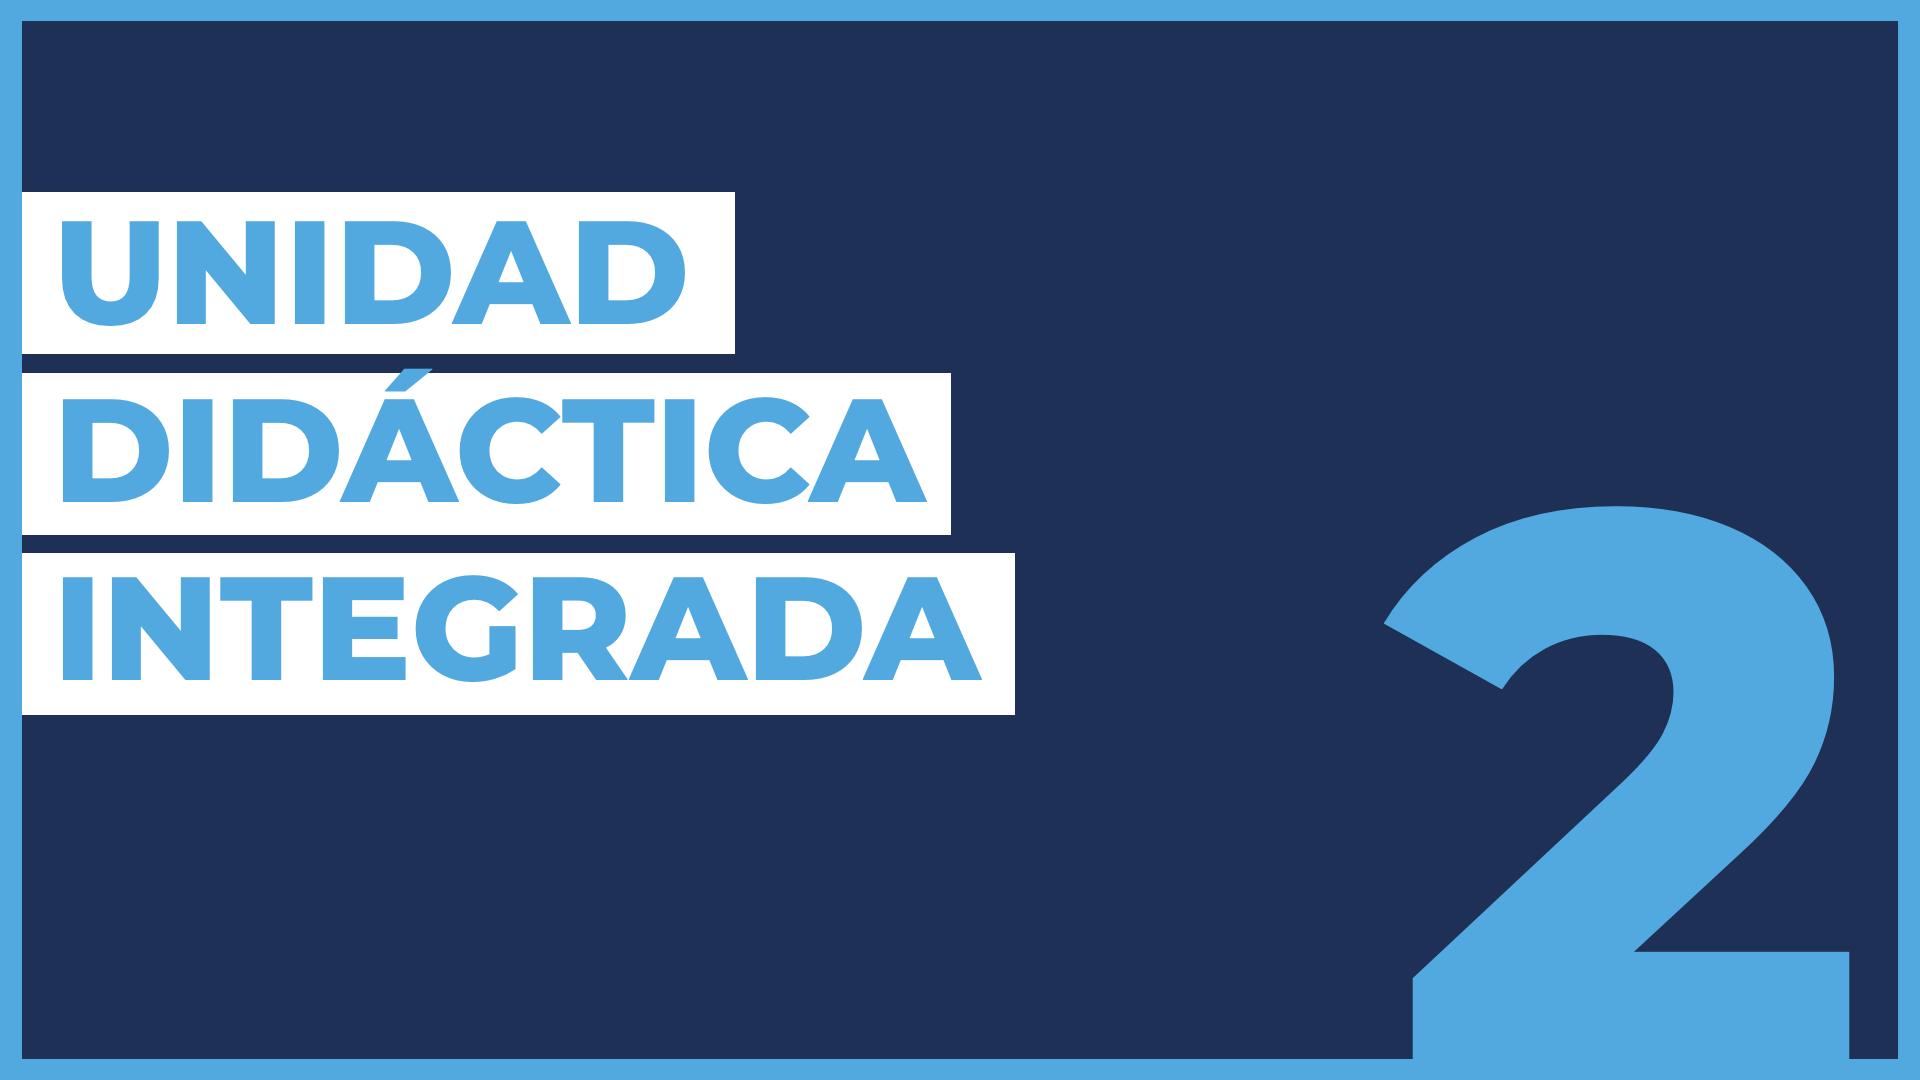 Capa 2️⃣ Unidad didáctica integrada